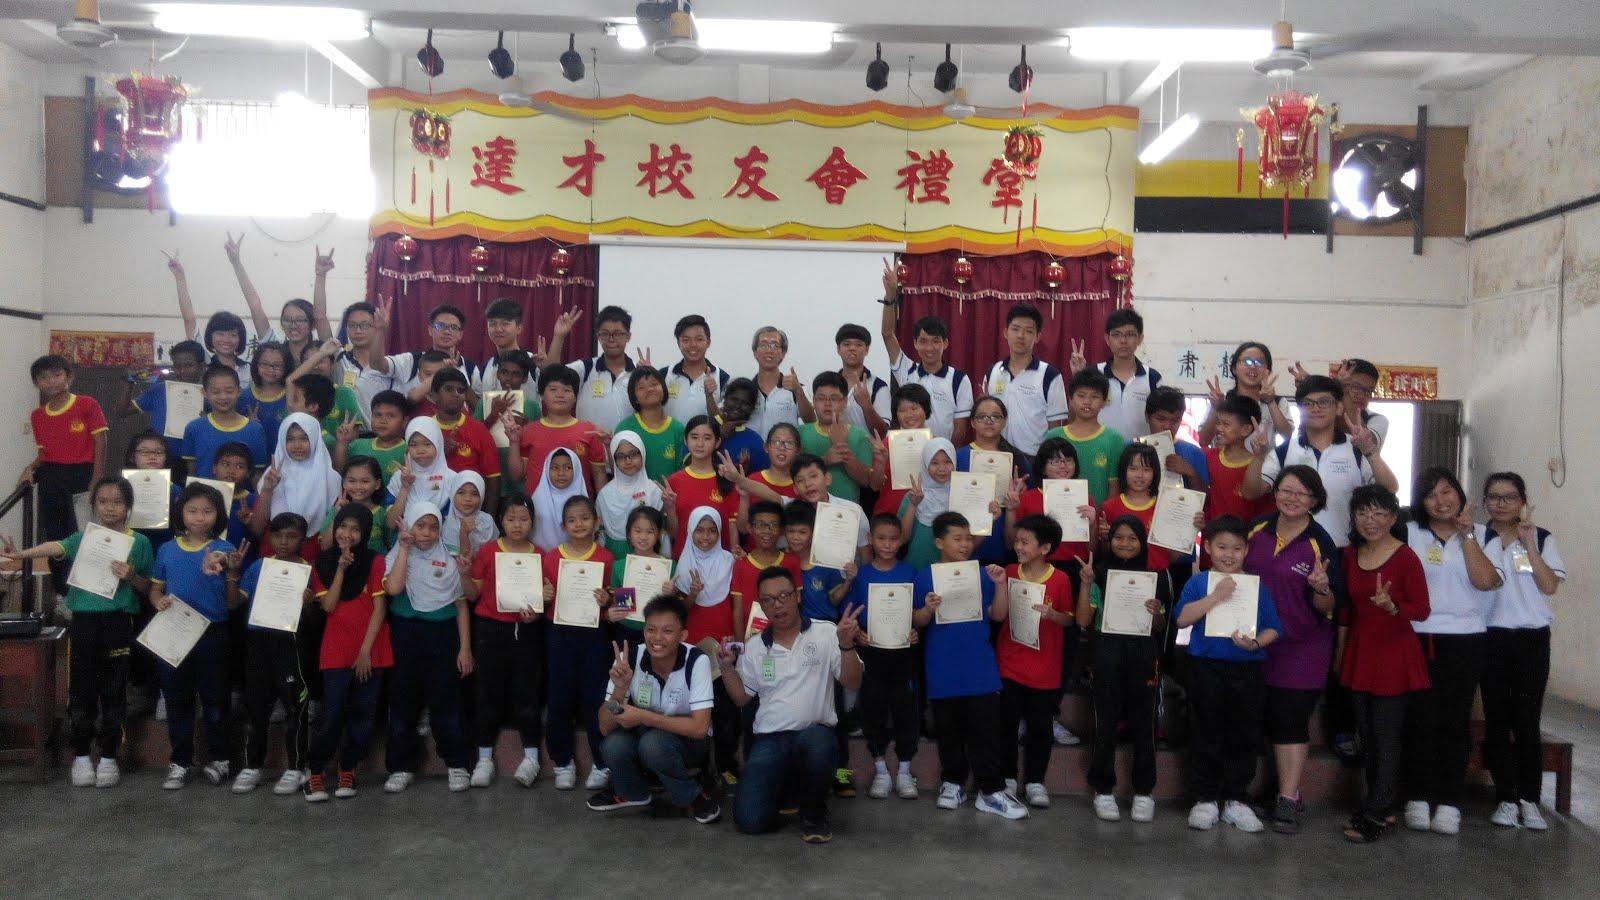 卓越青年社区服务-小学激励营 6月/2015